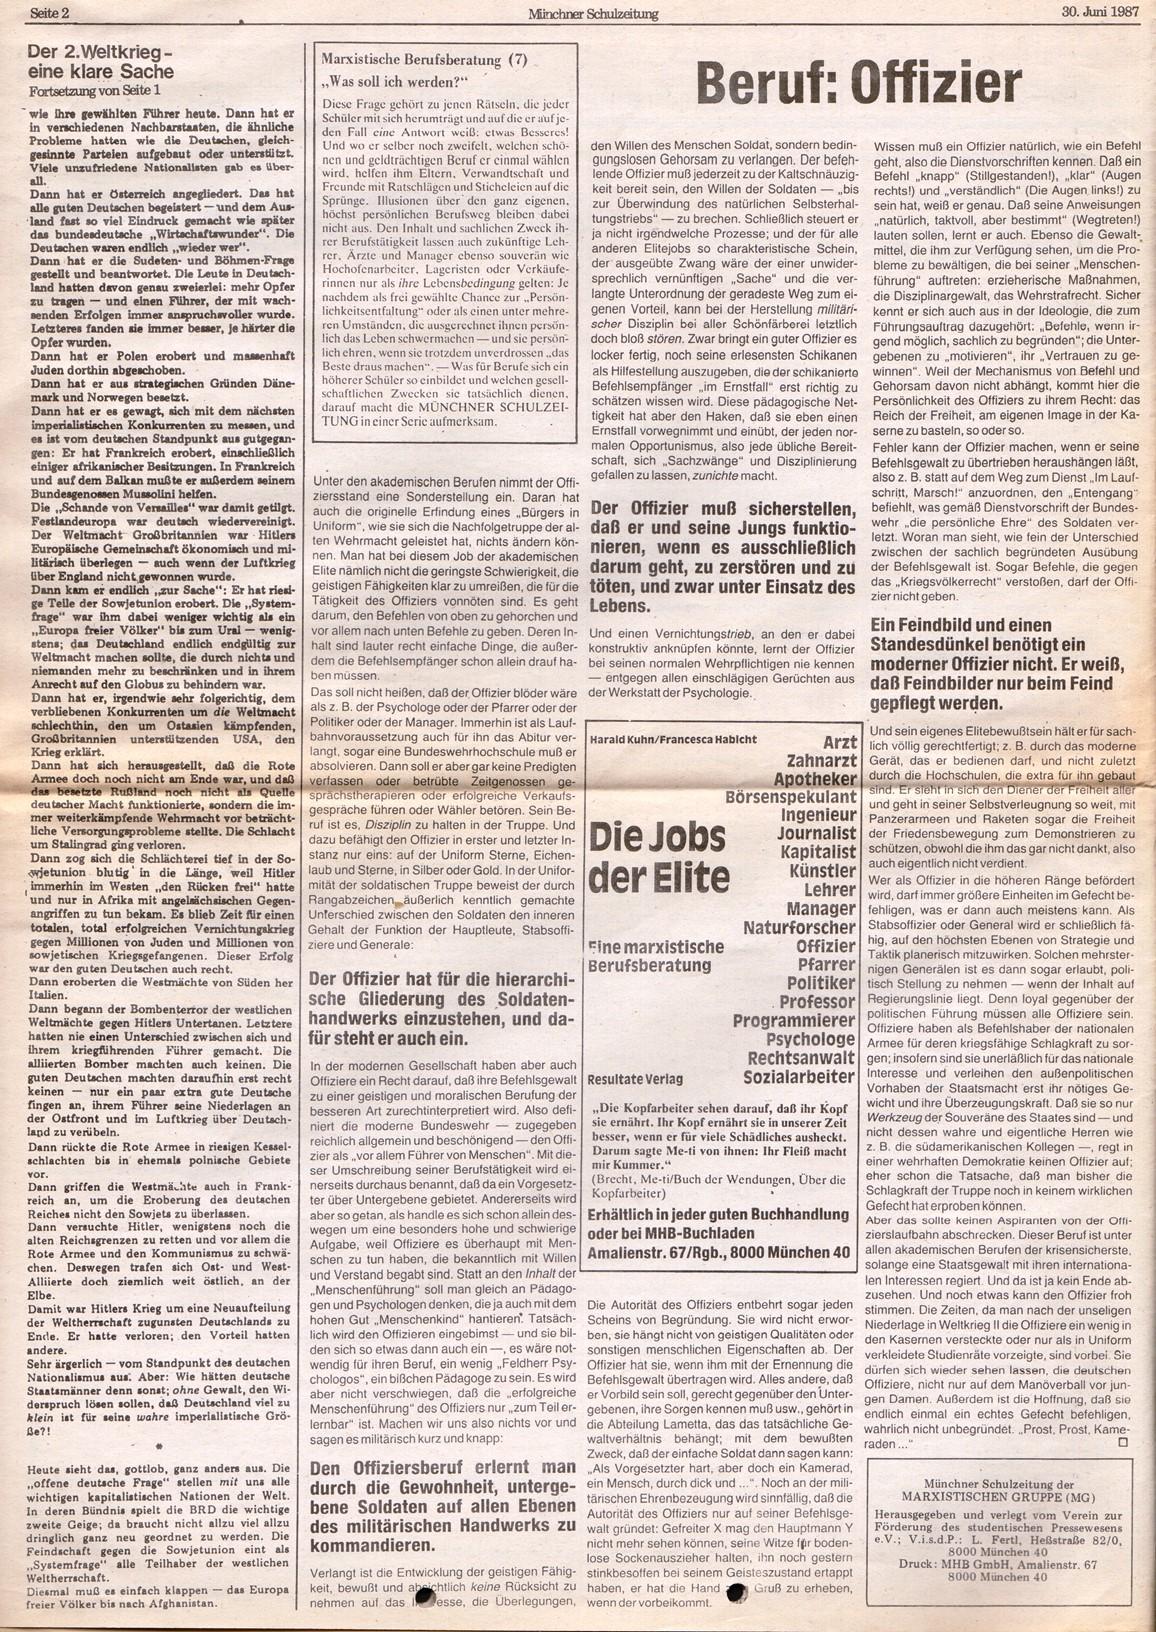 Muenchen_MG_Schulzeitung_19870630_02